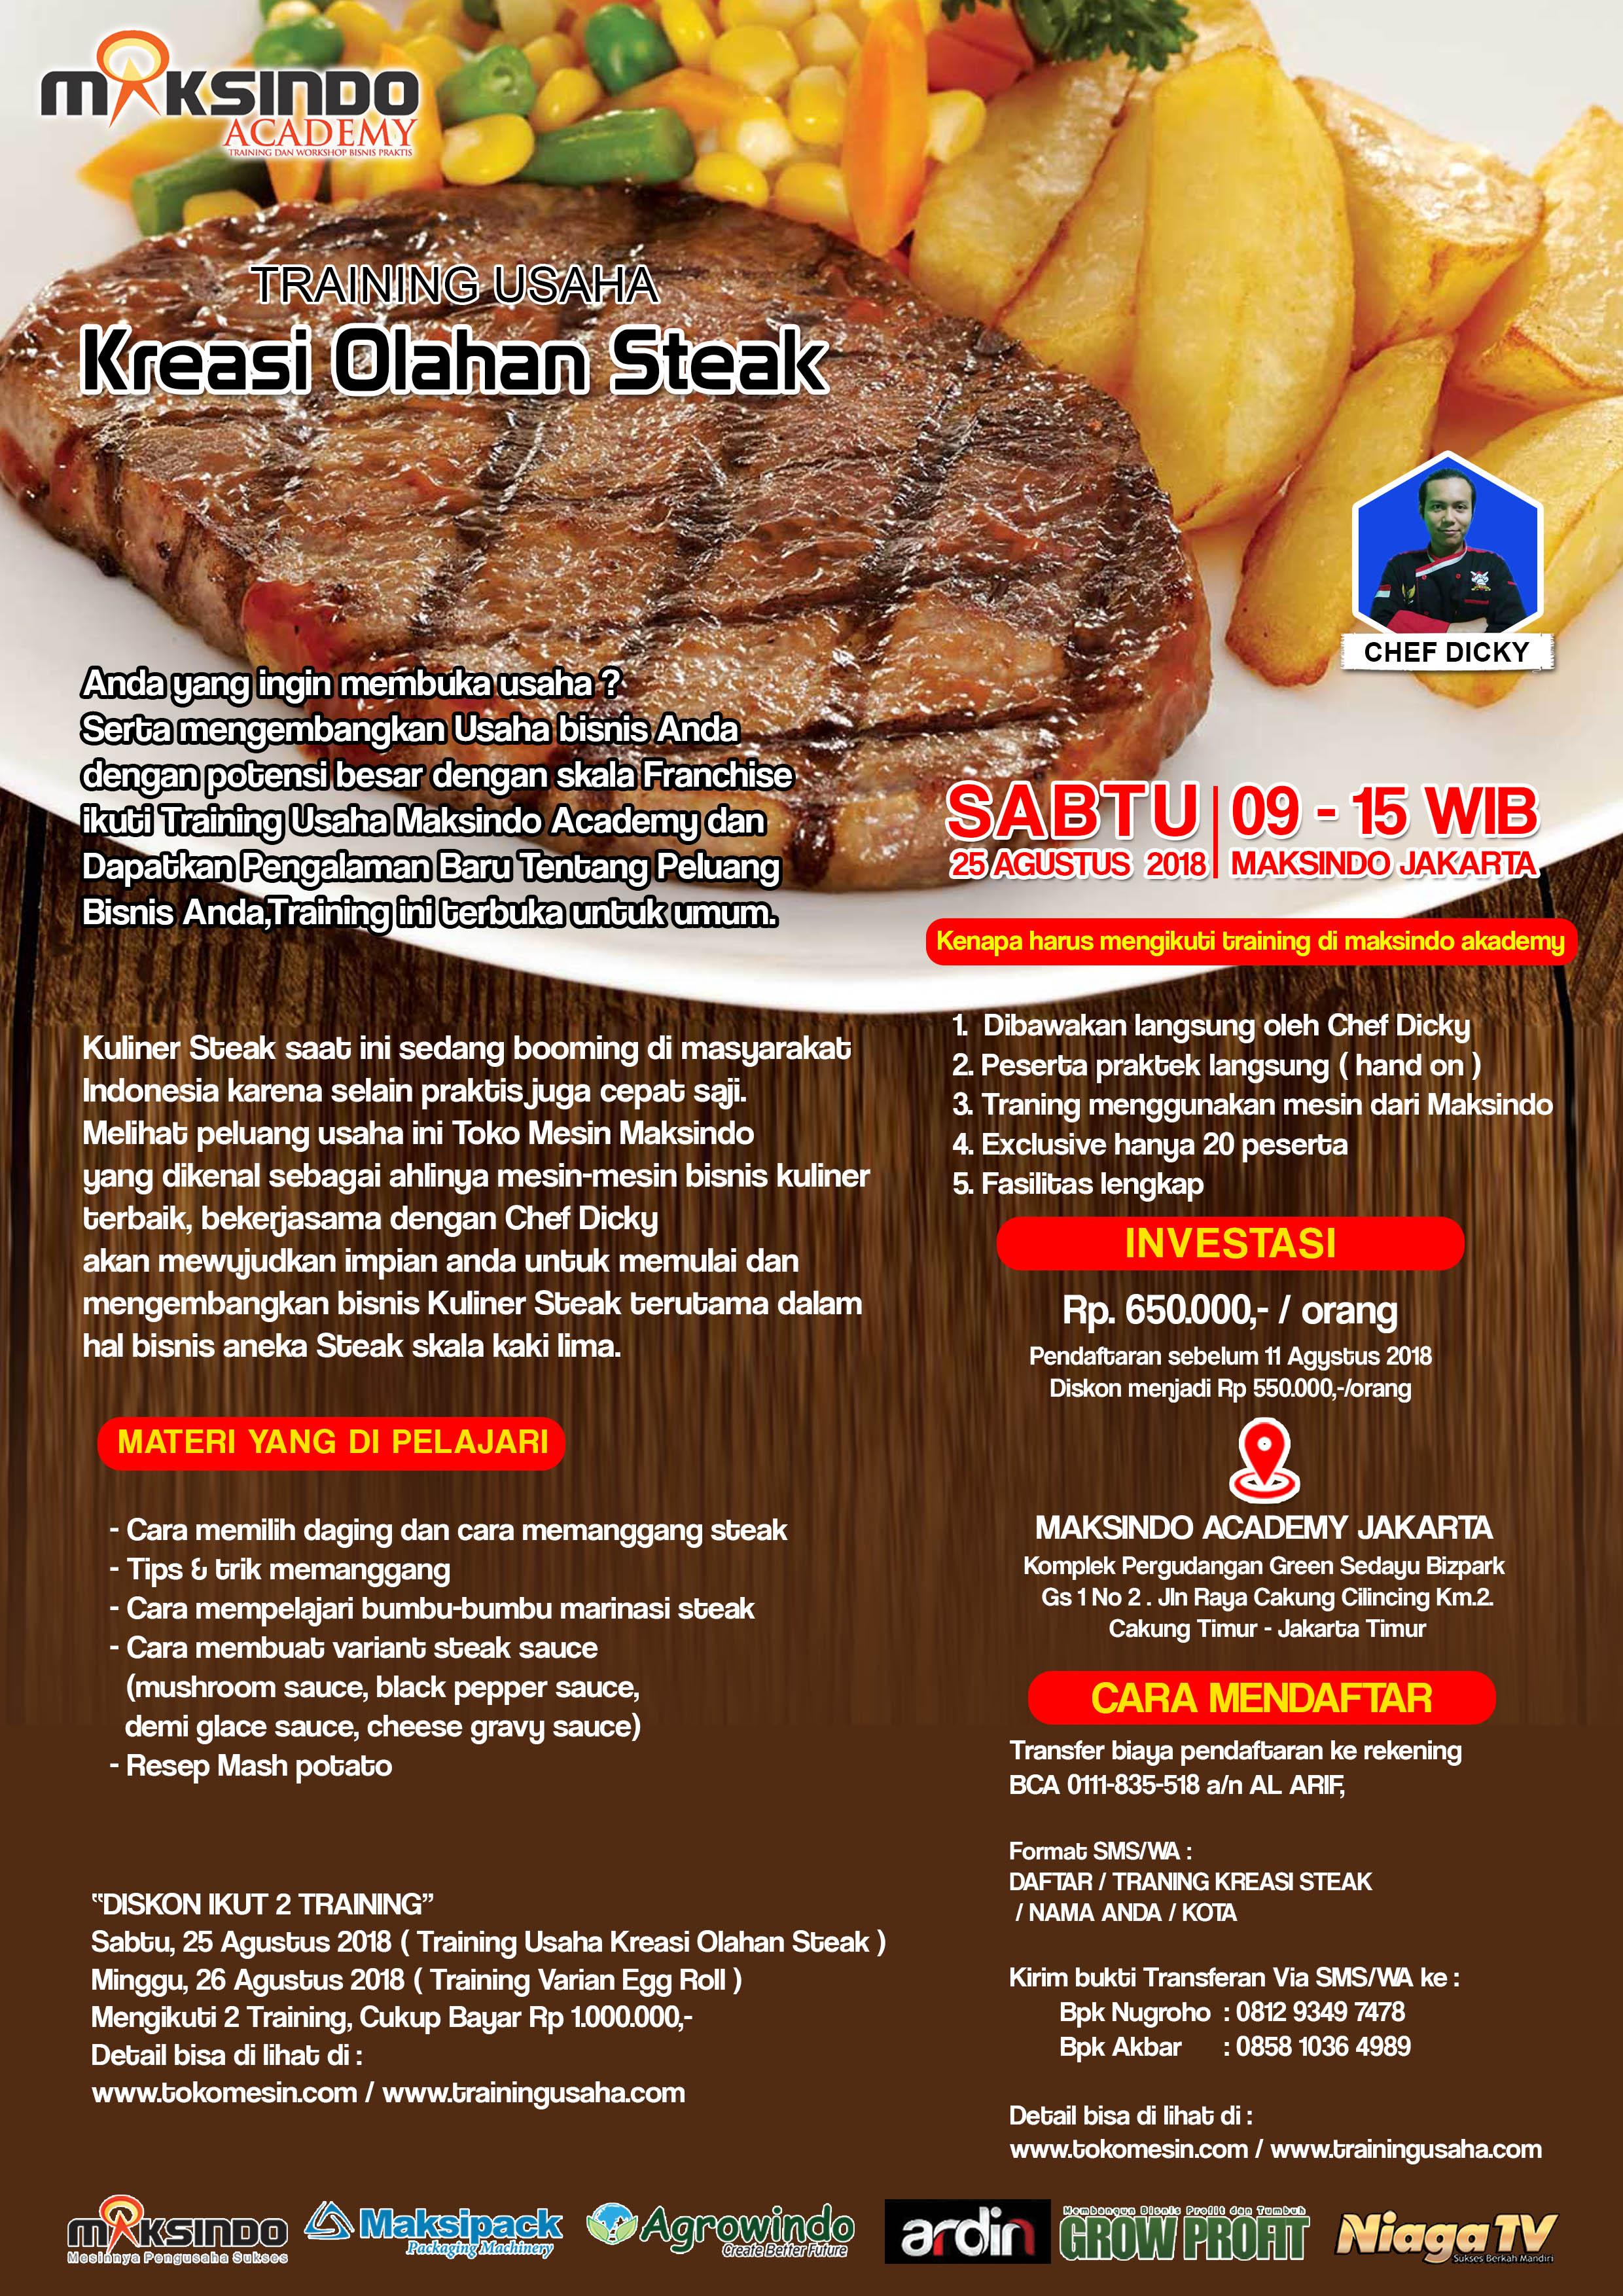 Training Usaha Kreasi Olahan Steak,Sabtu 25 Agustus 2018